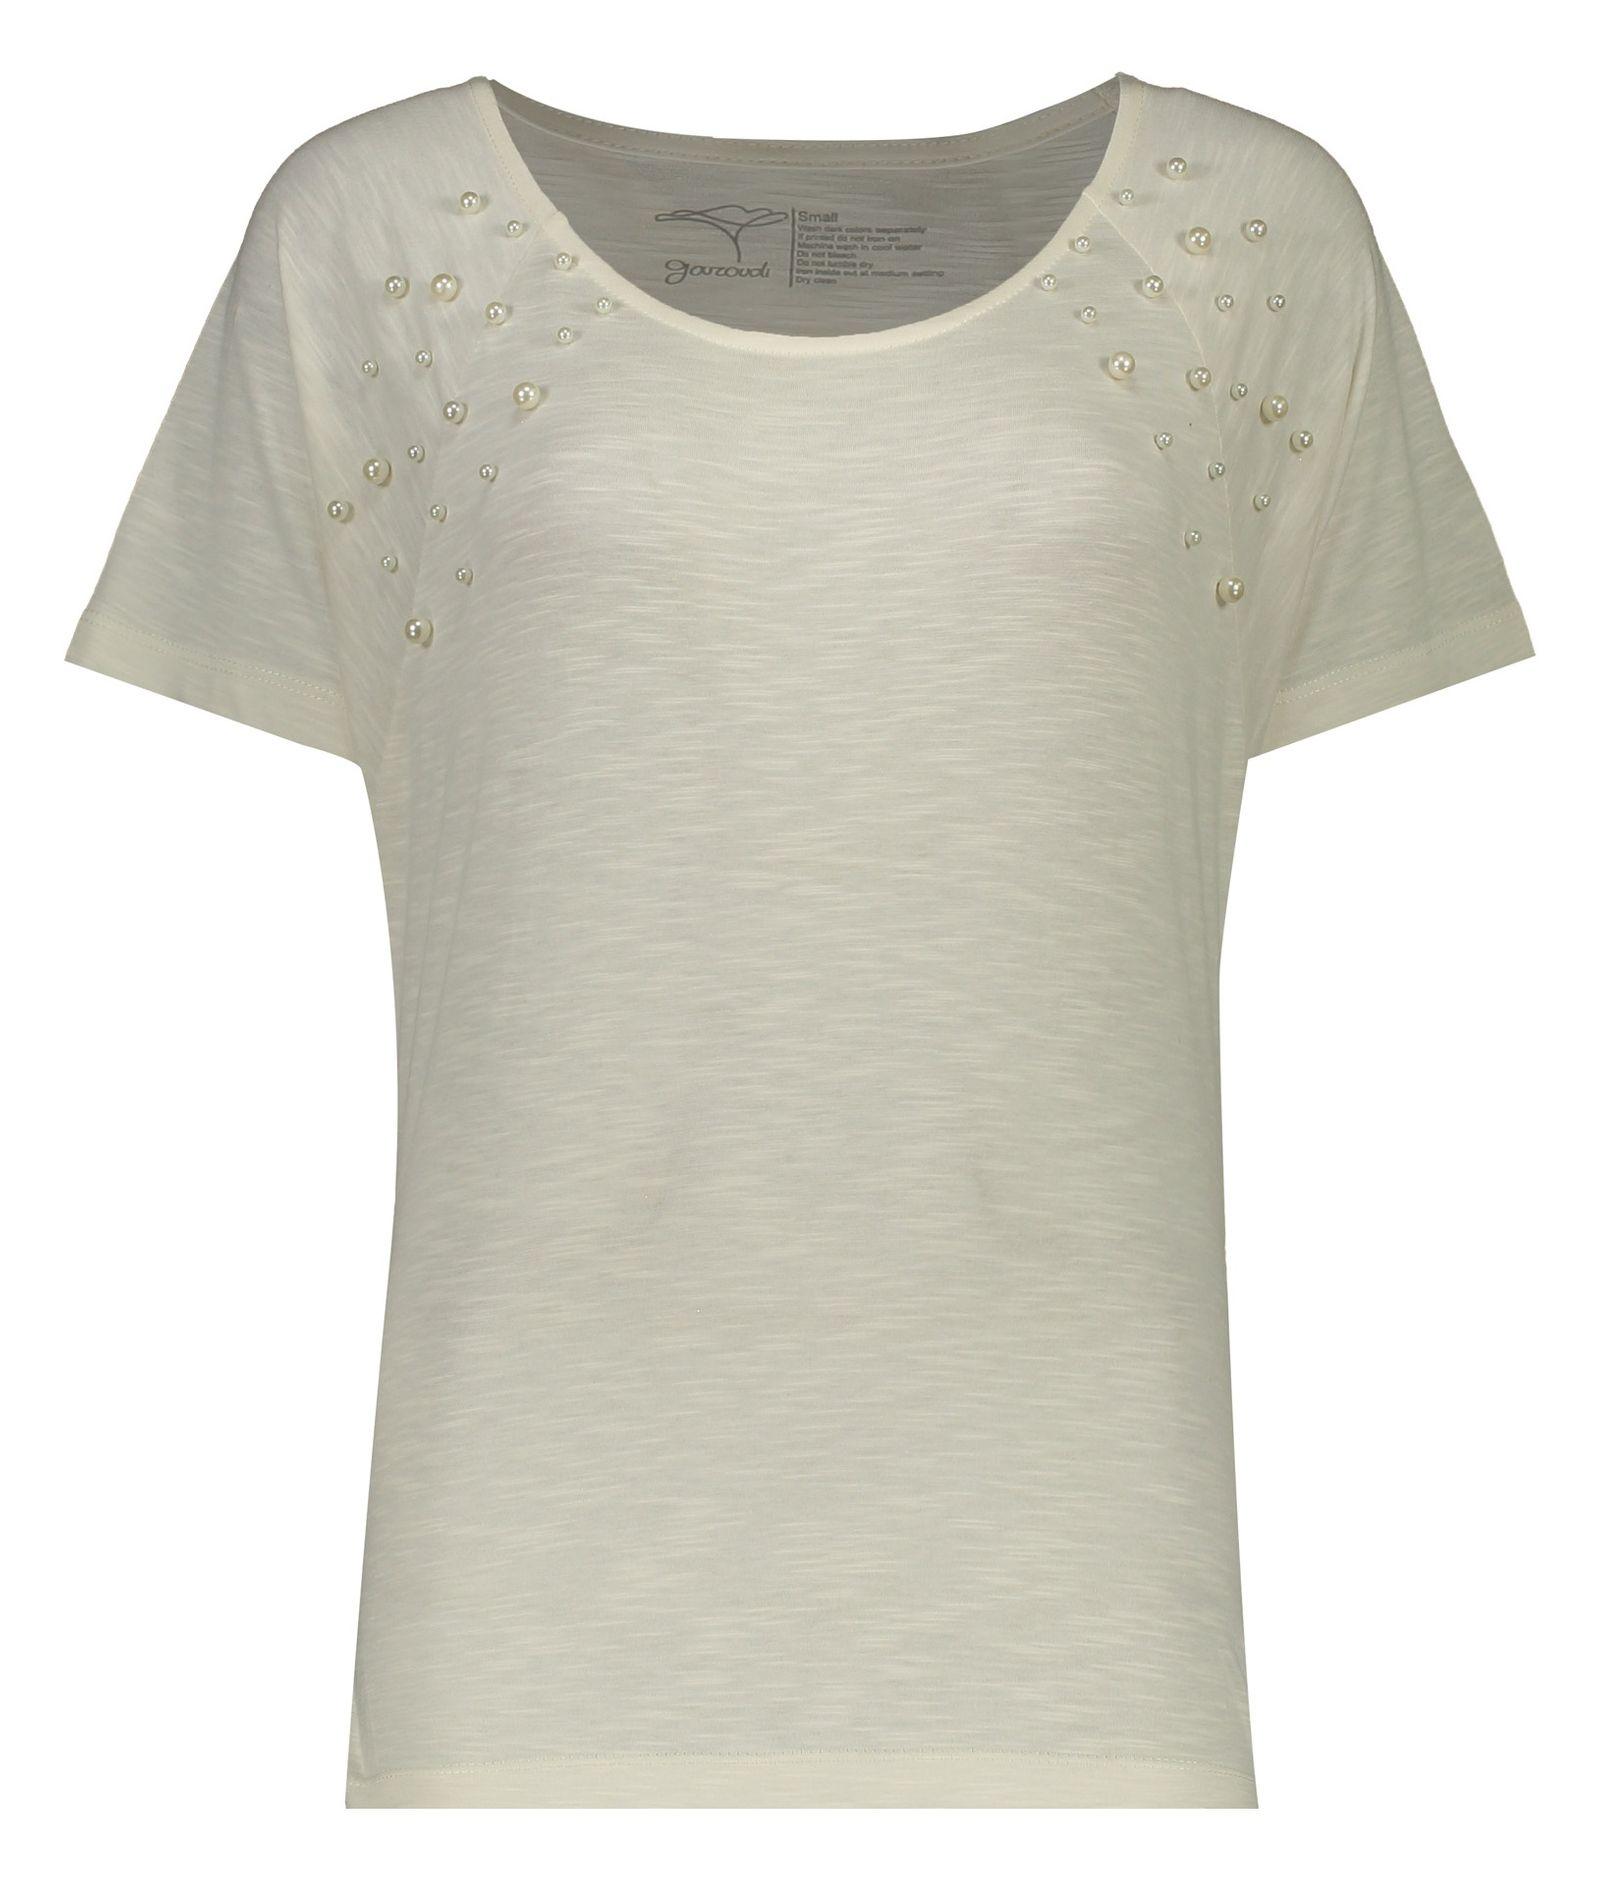 تی شرت زنانه گارودی مدل 1003104023-91 -  - 1